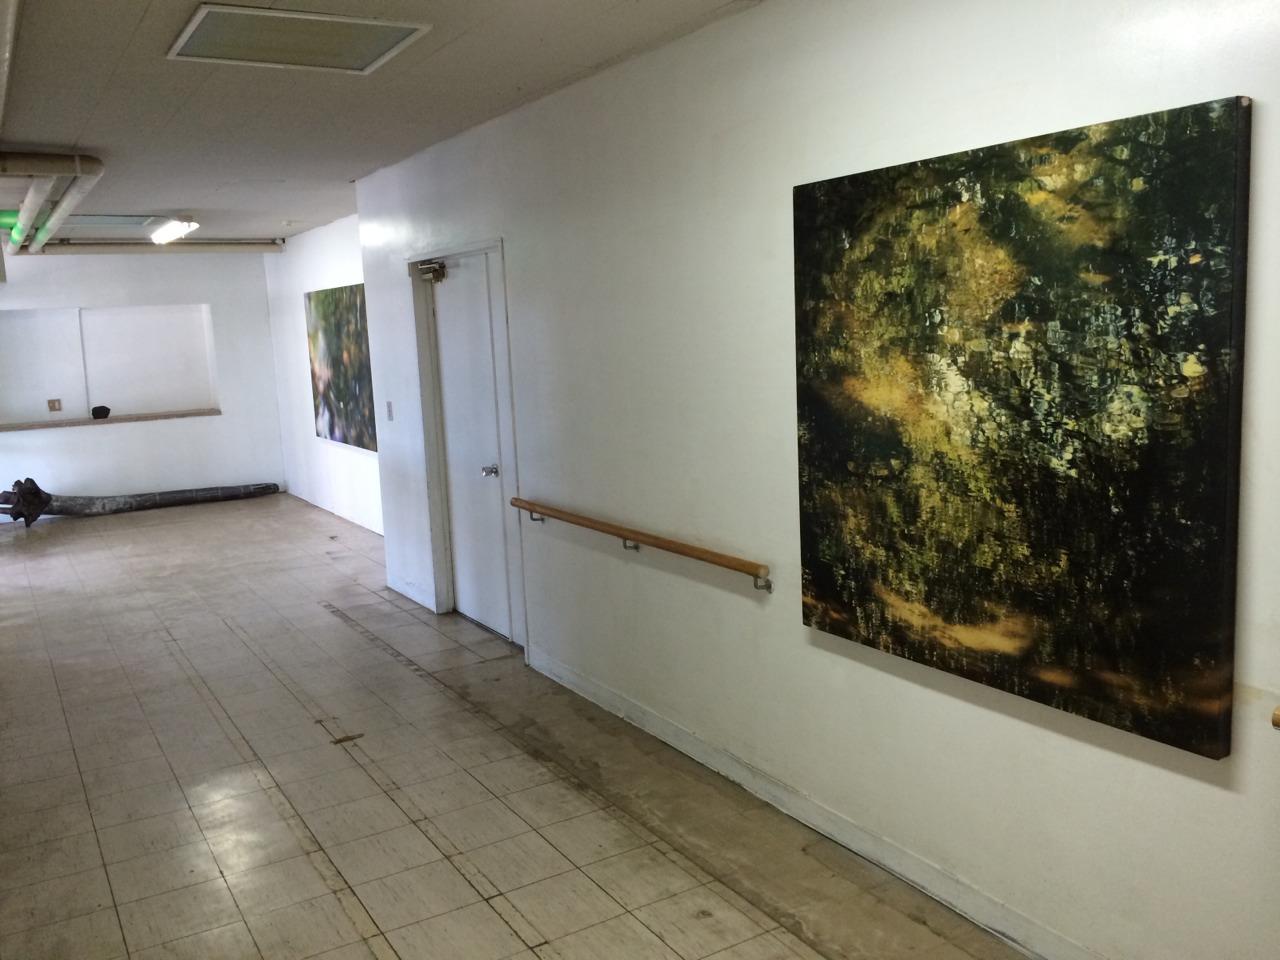 岩美現代美術展2014_e0115904_15234254.jpg